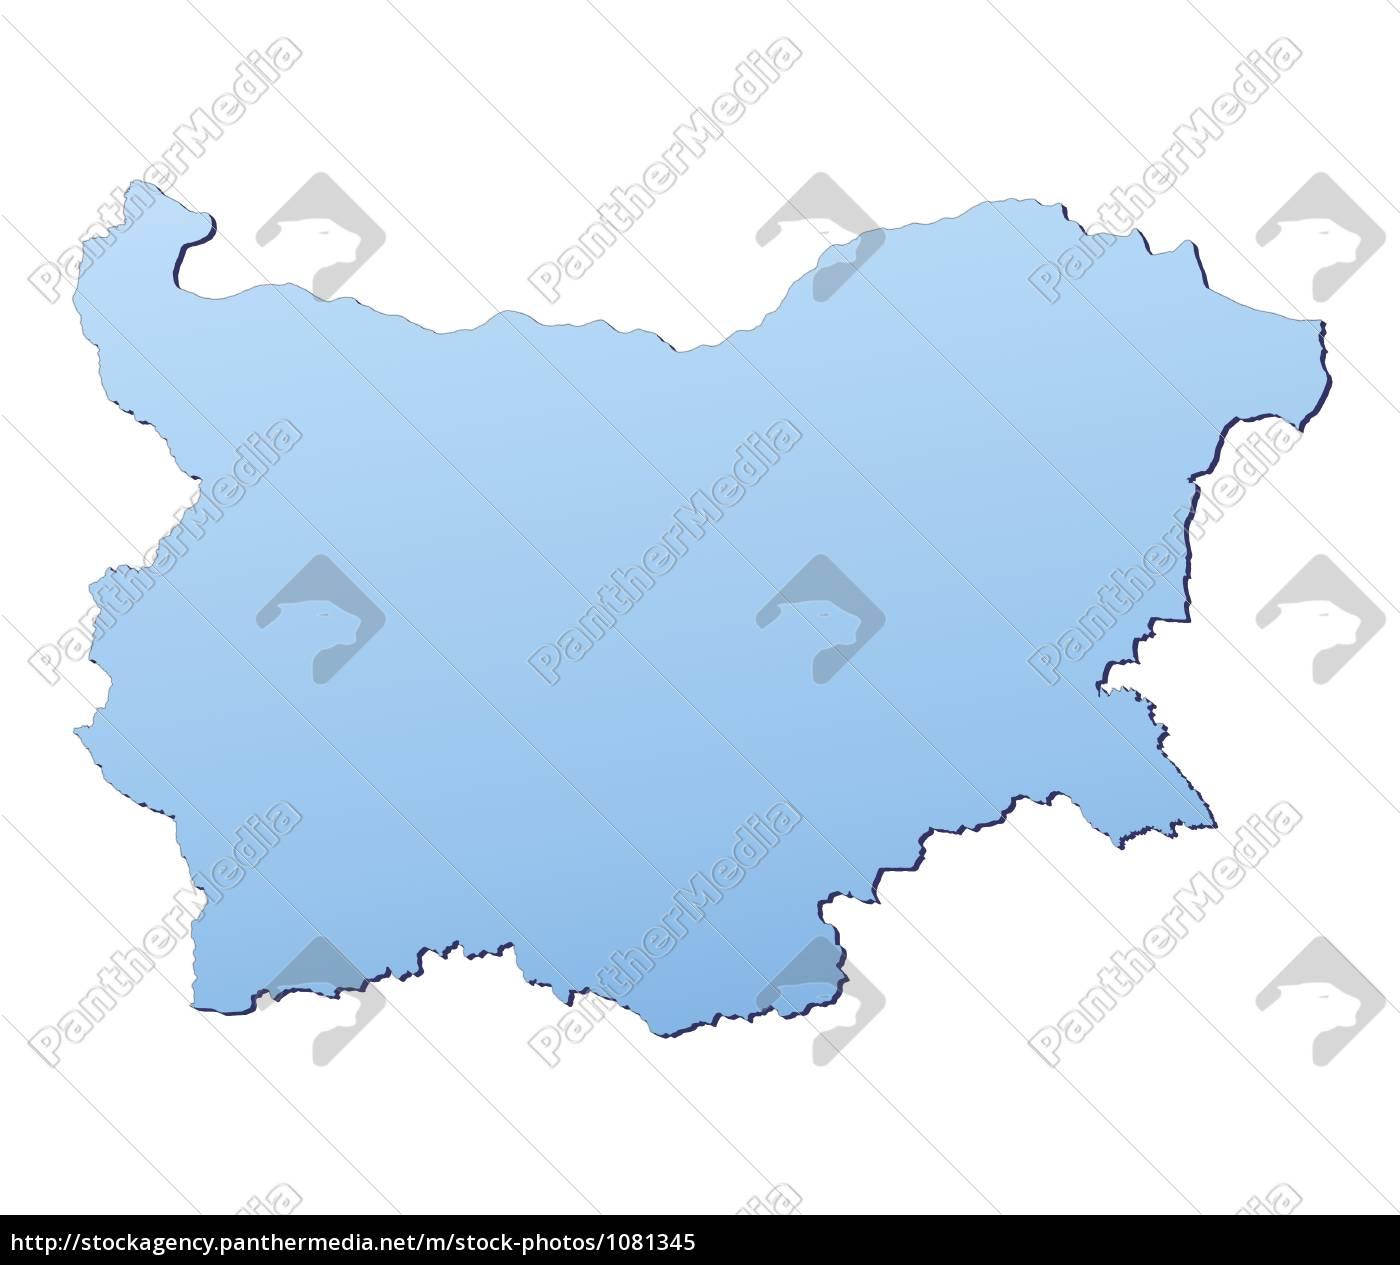 Karte Bulgarien.Lizenzfreies Bild 1081345 Bulgarien Karte